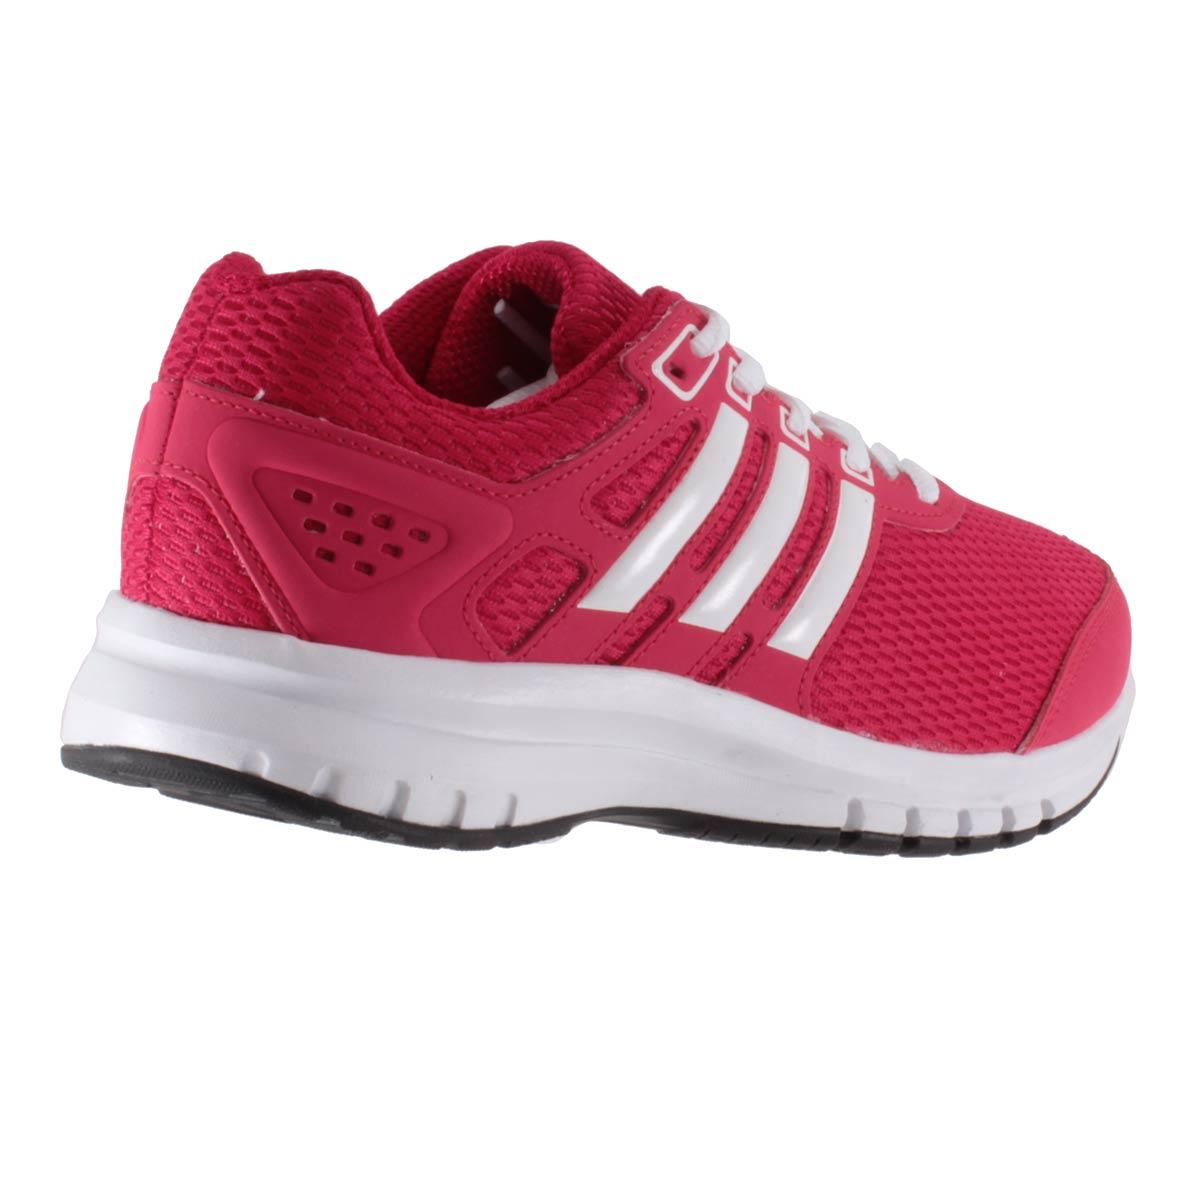 7cf4f233e81 Tênis Adidas Duramo Lite Feminino Caminhada Corrida - Ian Calçados